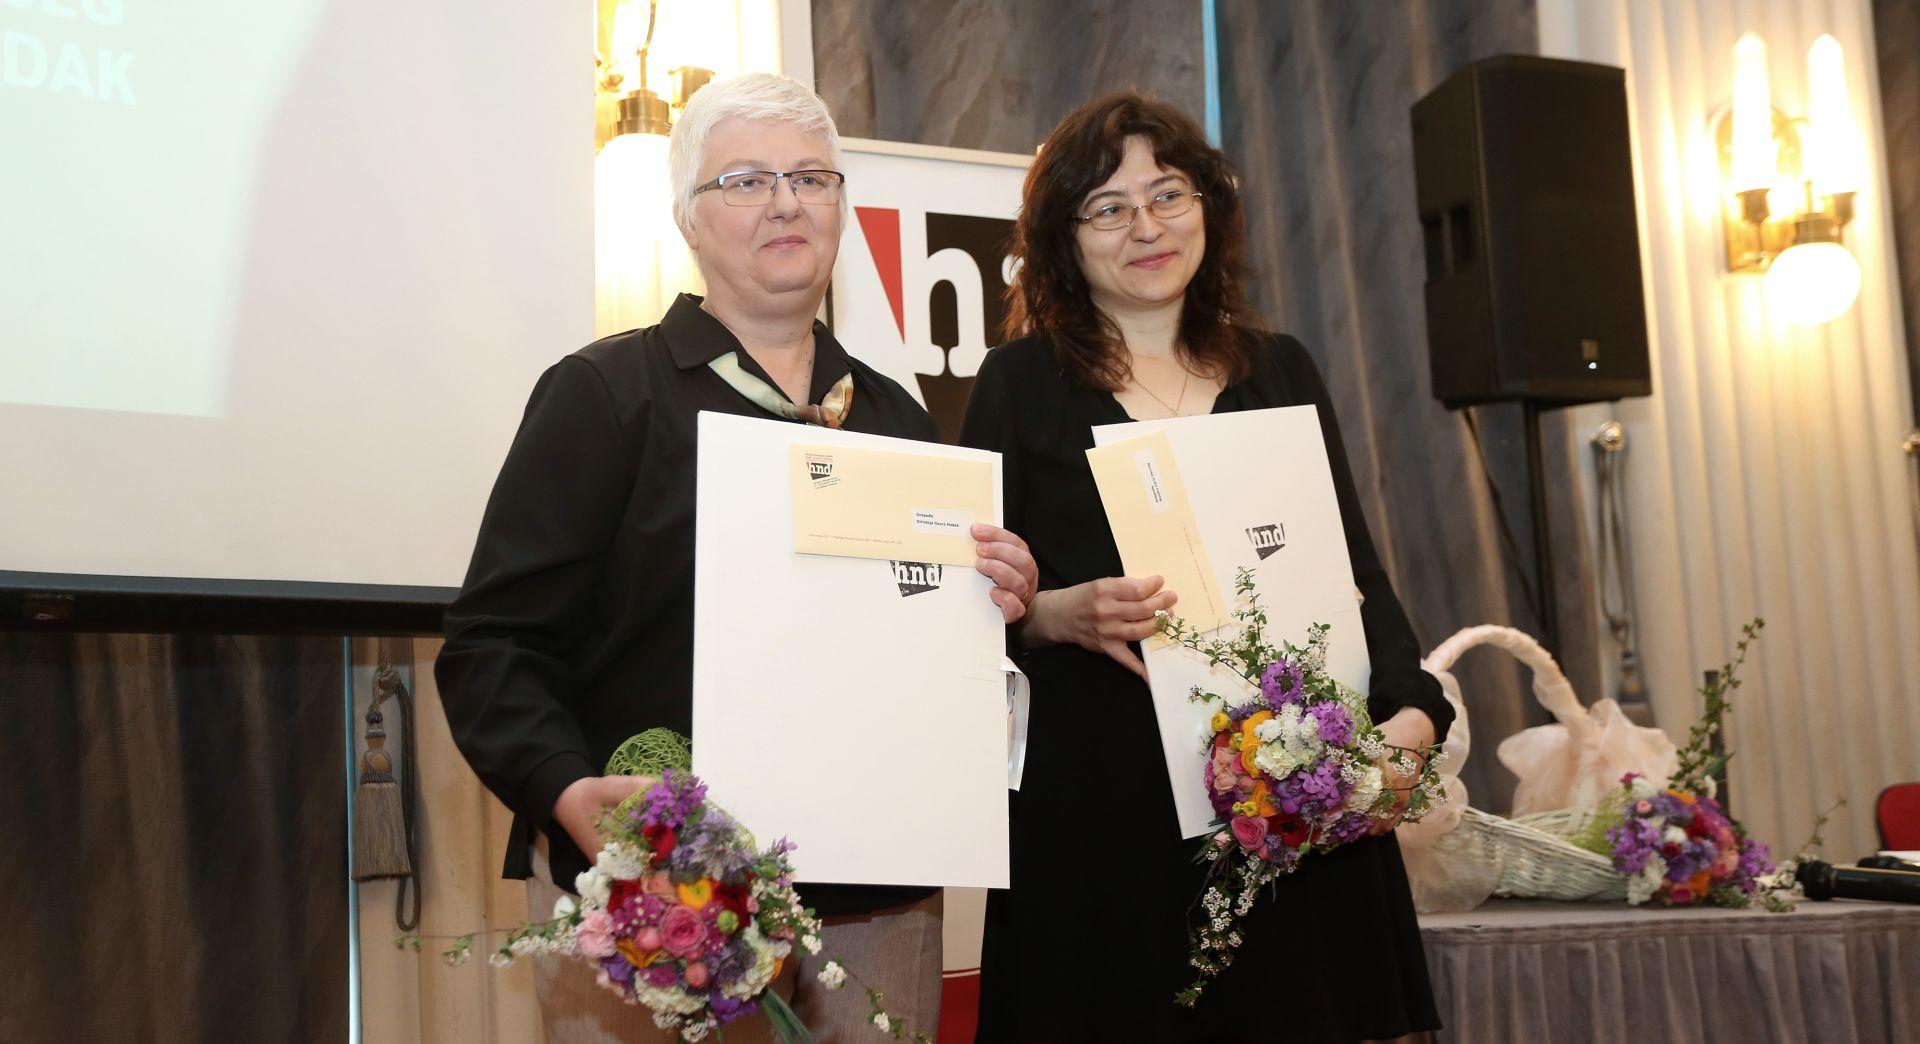 Novinarkama Nacionala Orhidei Gauri Hodak i Sandri Carić Herceg nagrada za istraživačko novinarstvo, Šprajc novinar godine